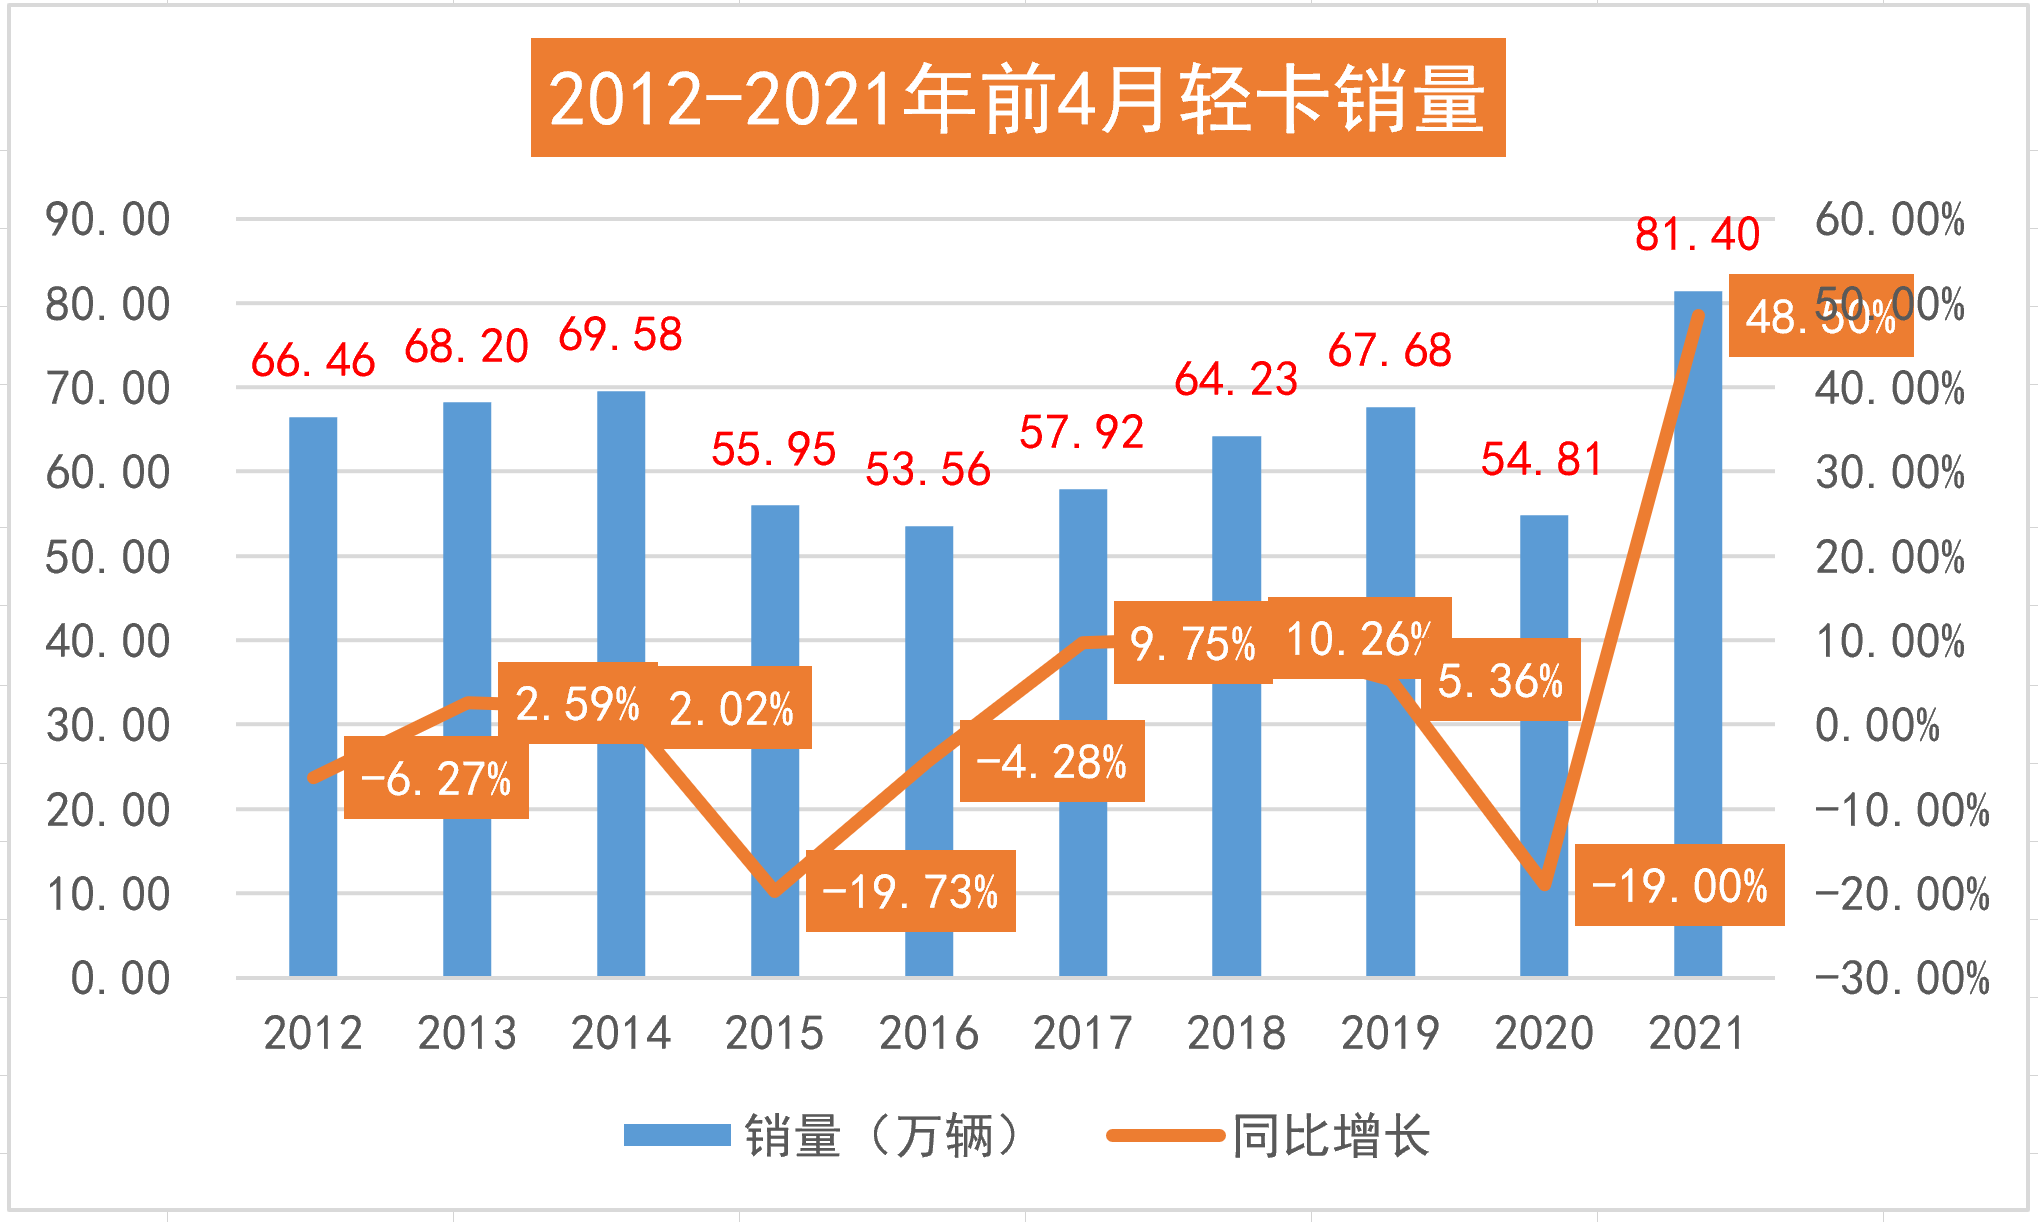 2012-2021年1-4月轻卡销量